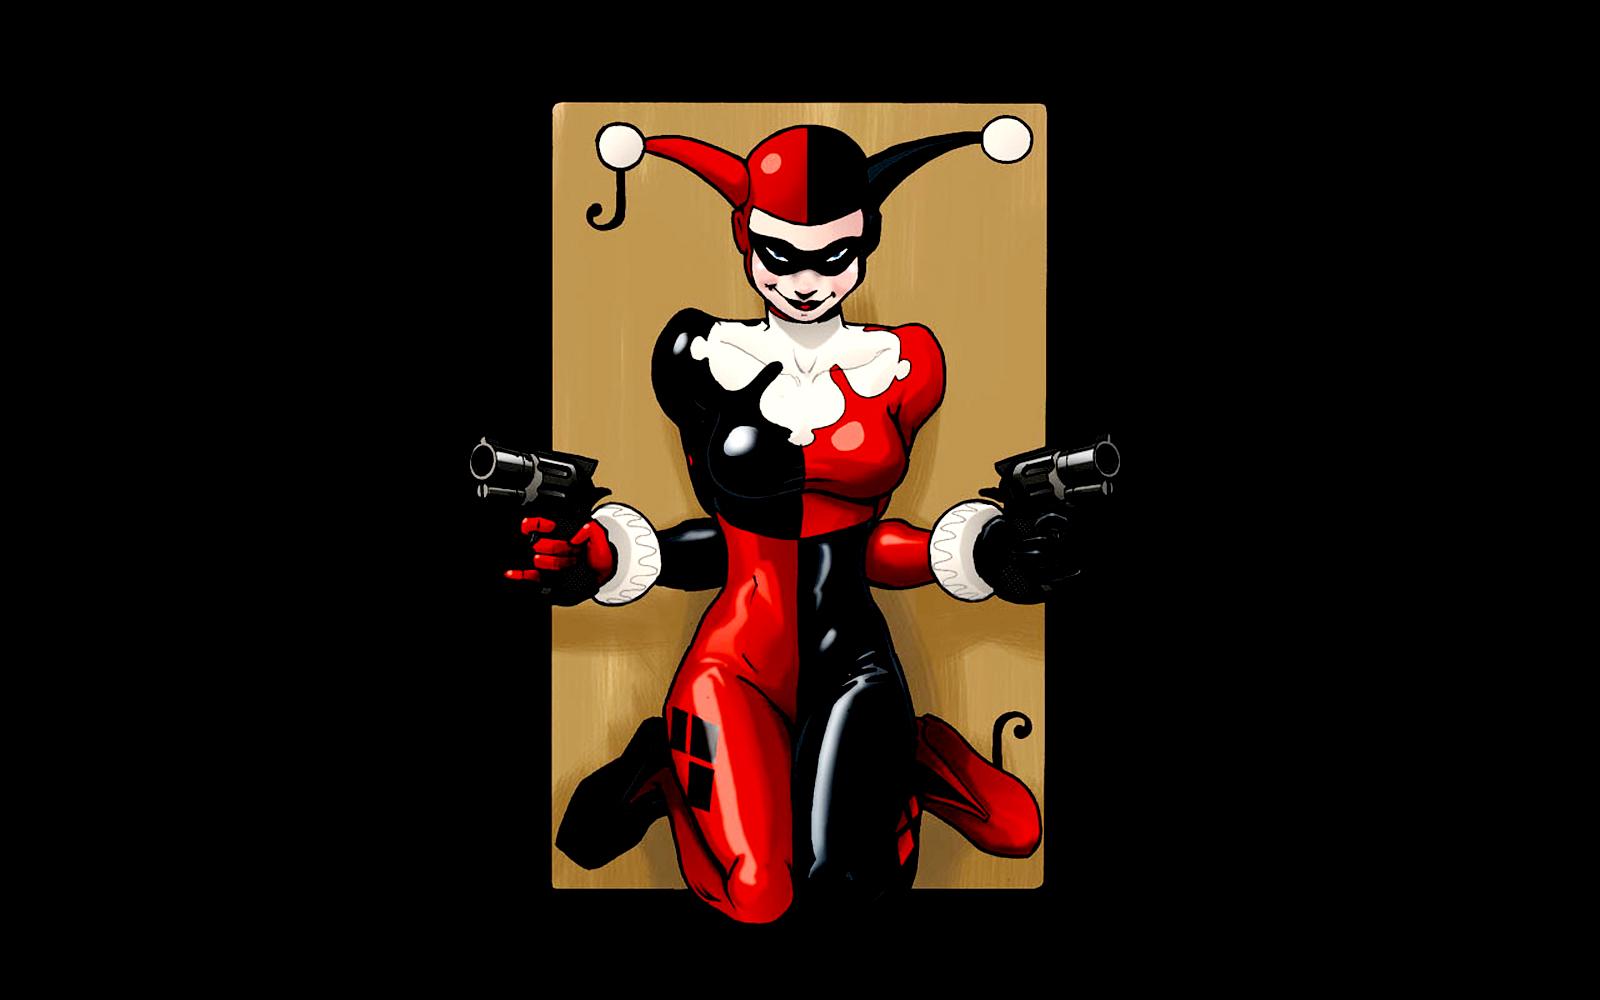 http://2.bp.blogspot.com/-xS-UNWpKmWg/TtqeQ-lvVgI/AAAAAAAAEt8/fO0Em_s-QZM/s1600/Harley_Quinn_Joker_Card_HD_Wallpaper.jpg